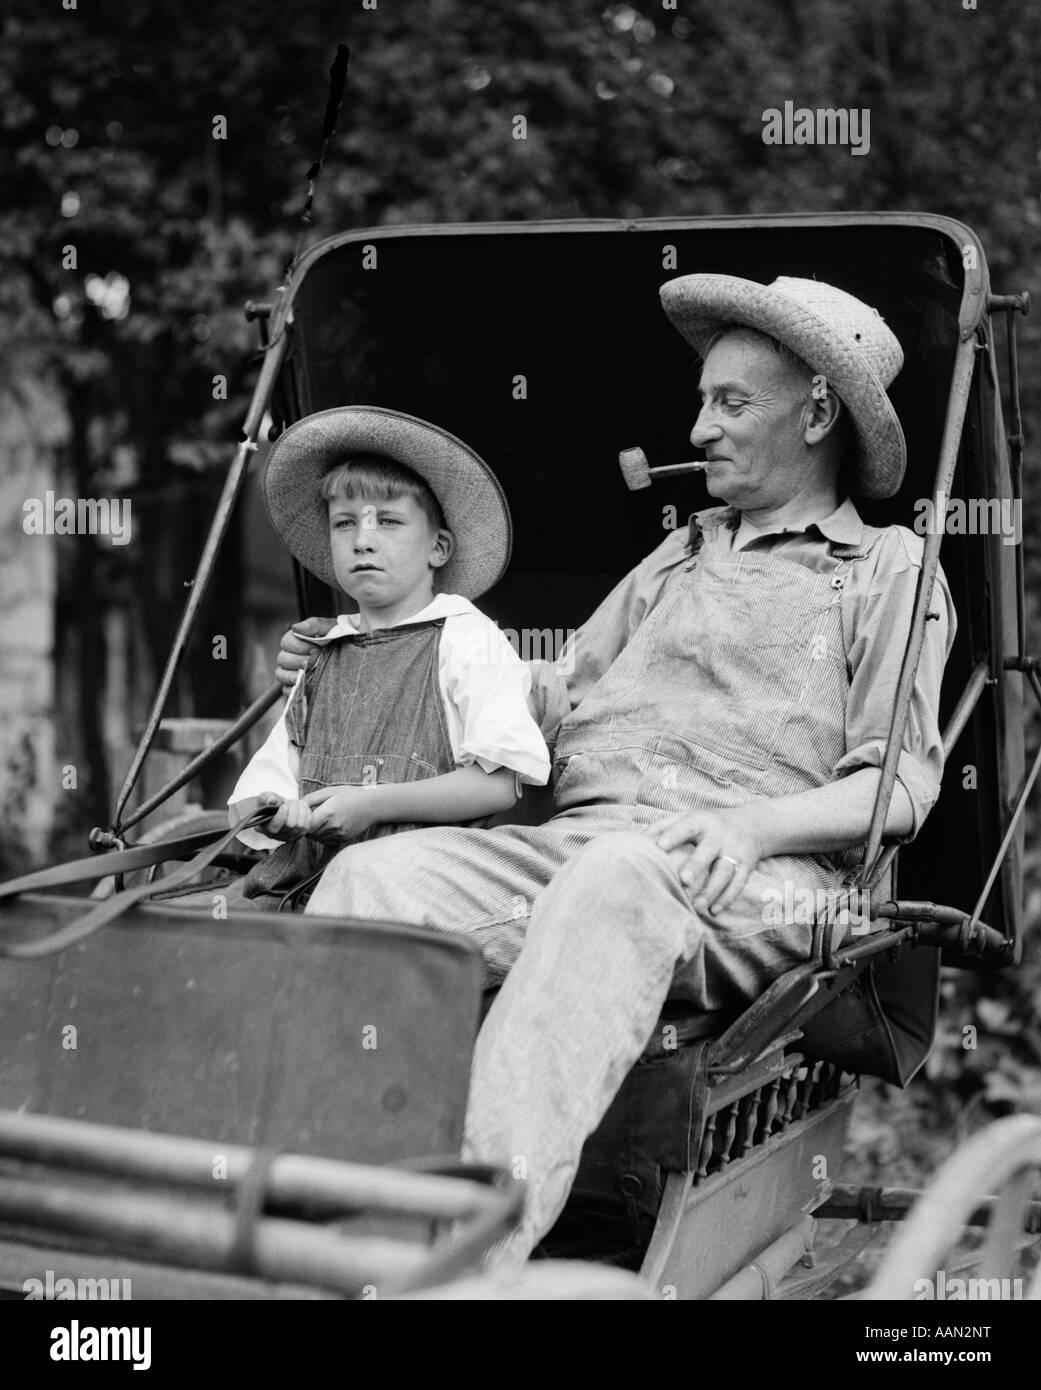 1930s FARM BOY & nonno in tute e cappelli di paglia in seduta piccolo buggy Immagini Stock